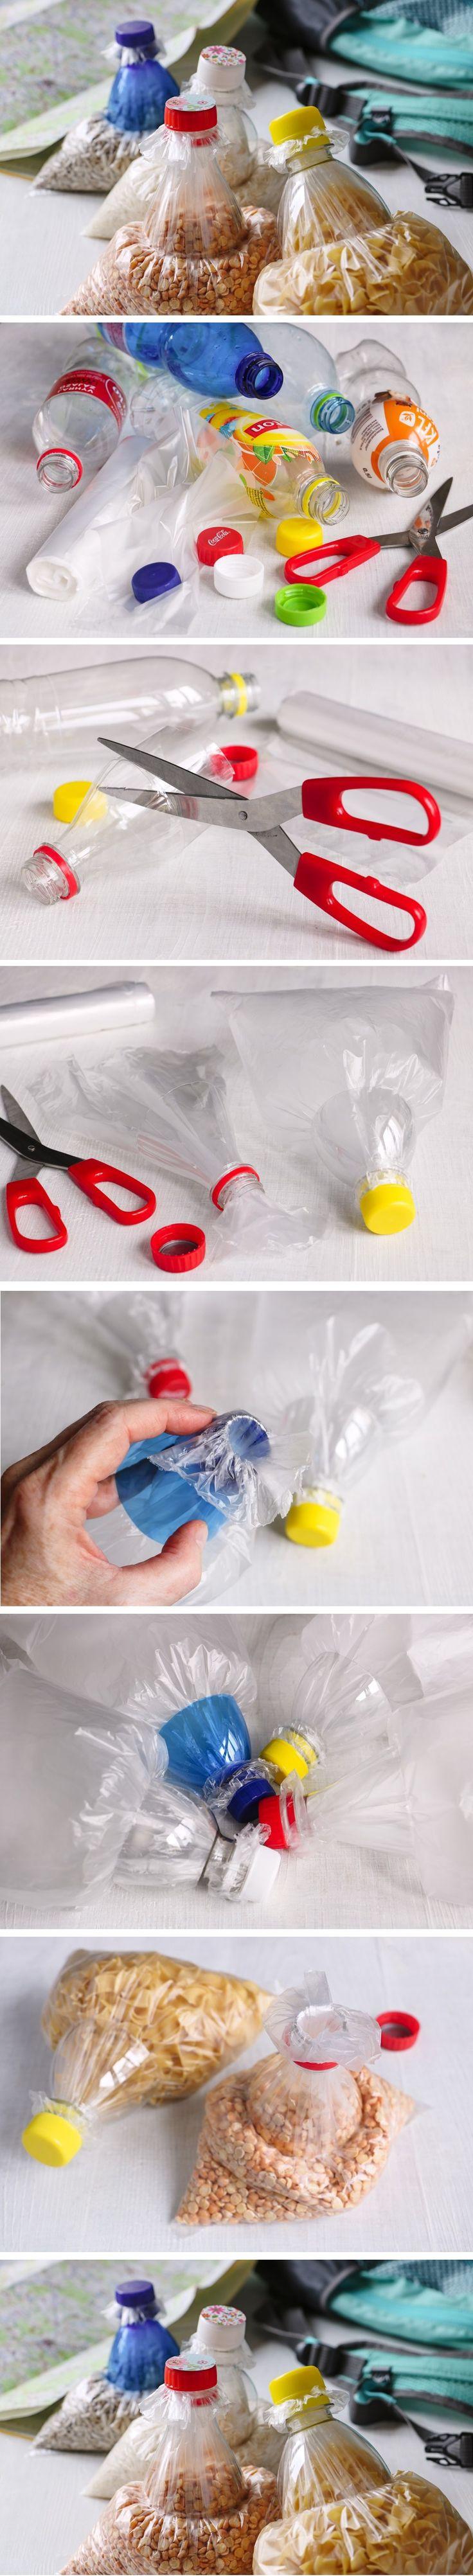 Vyrobte si na cesty znovu uzavíratelné sáčky z pet lahví. Hodit se vám budou třeba do kempu. Návod krok za krokem najdete na našem webu.